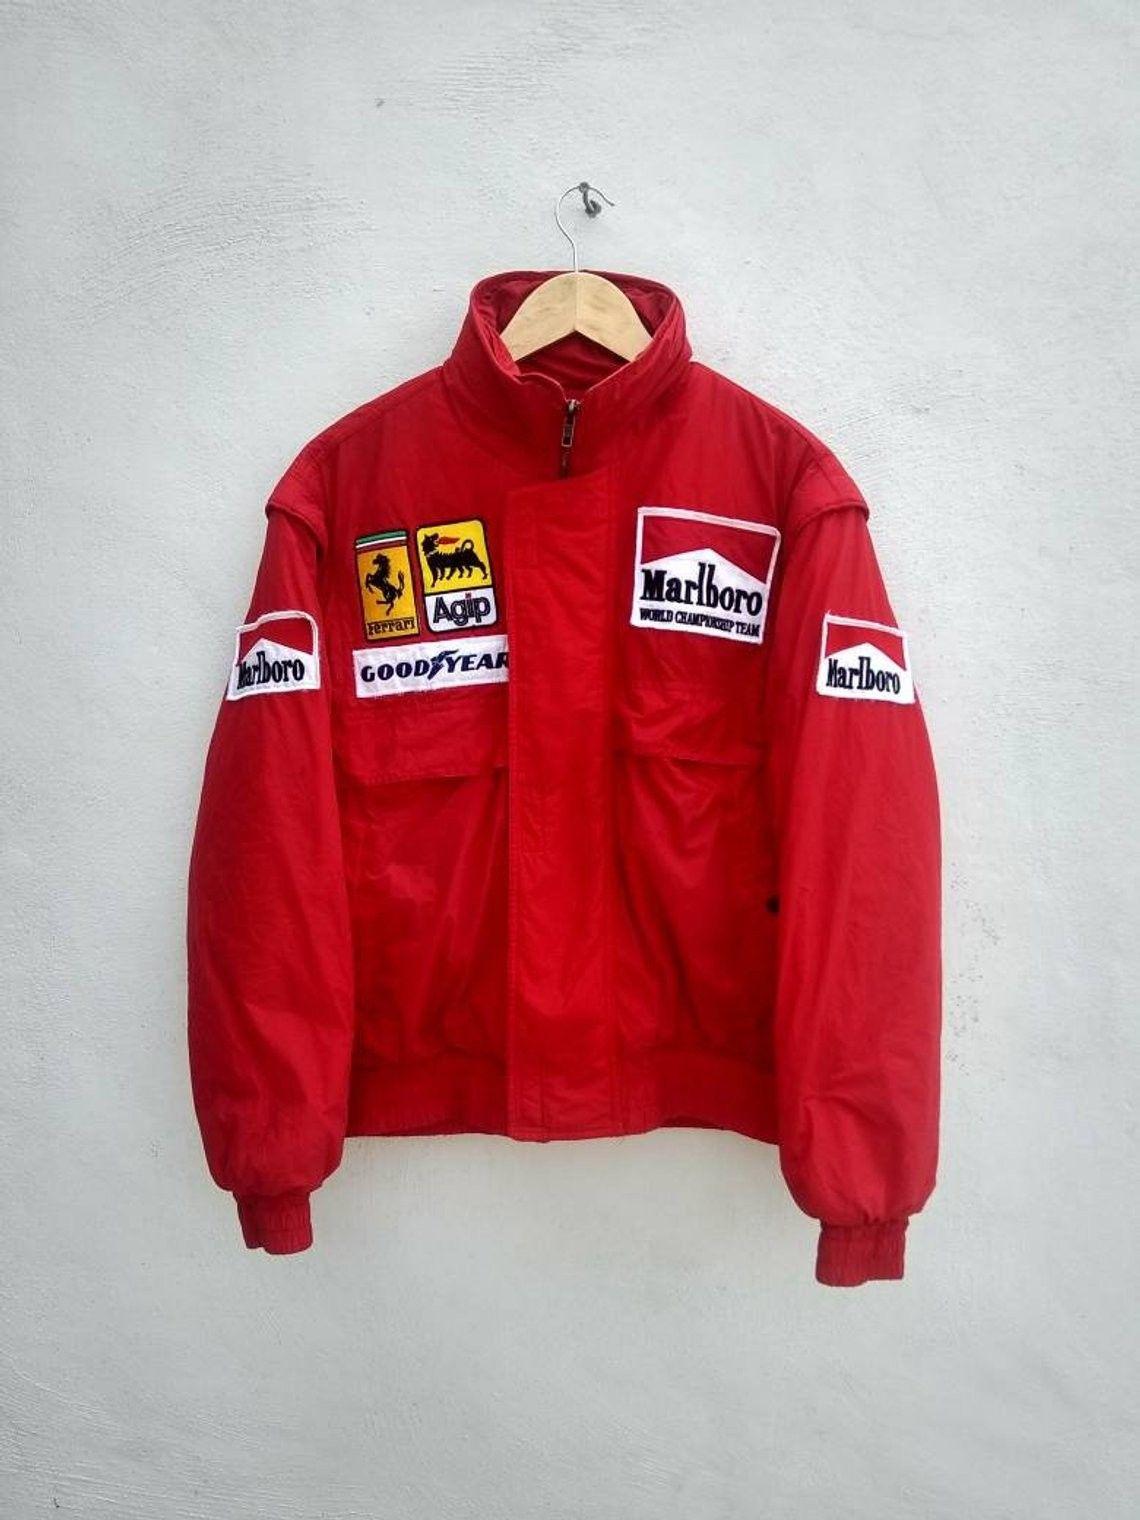 Vintage 80s Marlboro Jacket Embroidery Patches Rare Marlboro World Championship Team Marlboro Jacket Jackets Athletic Jacket